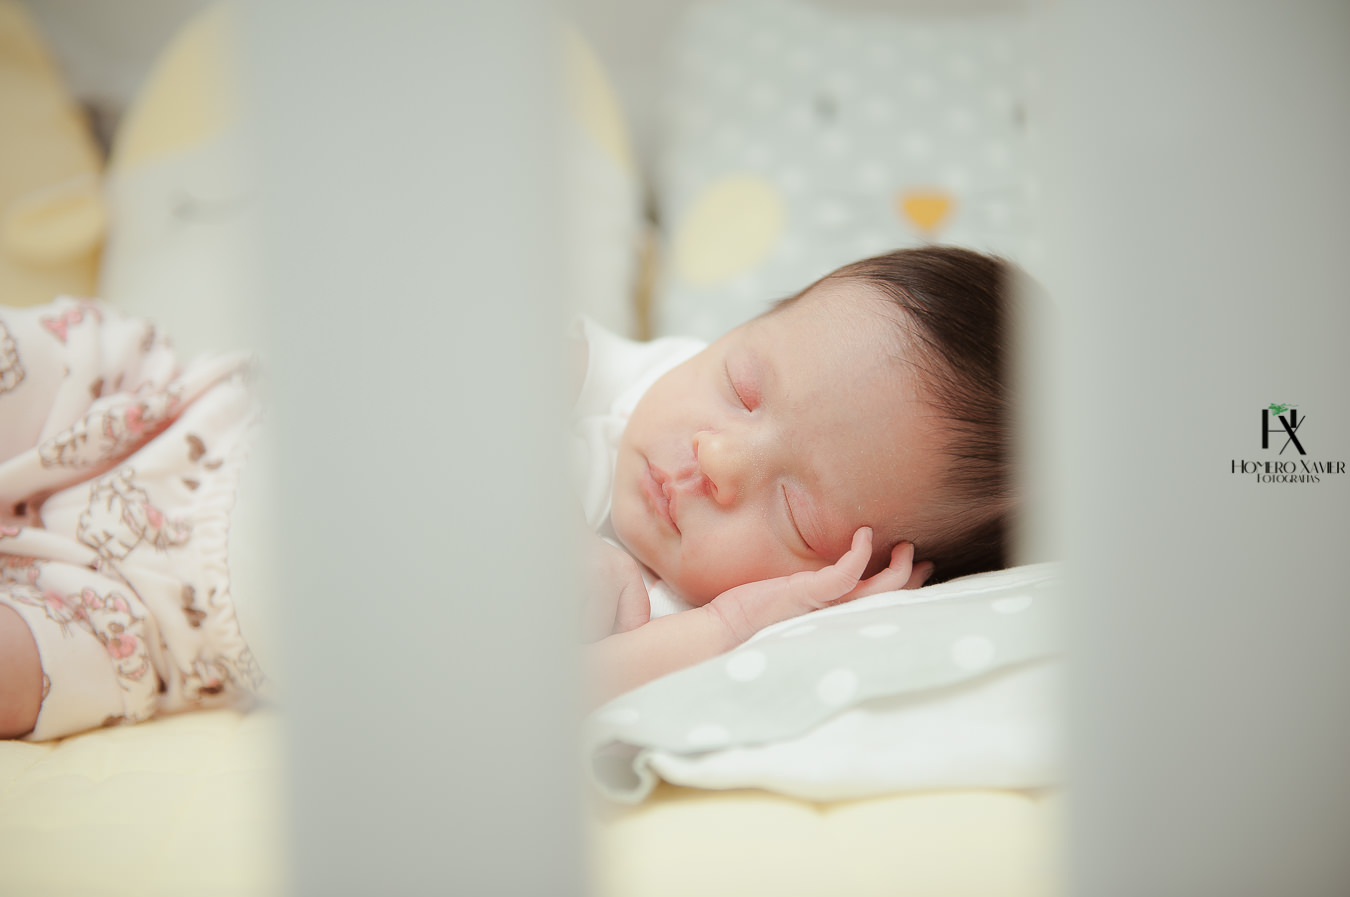 Ensaio fotográfico newborn de gêmeas em BH